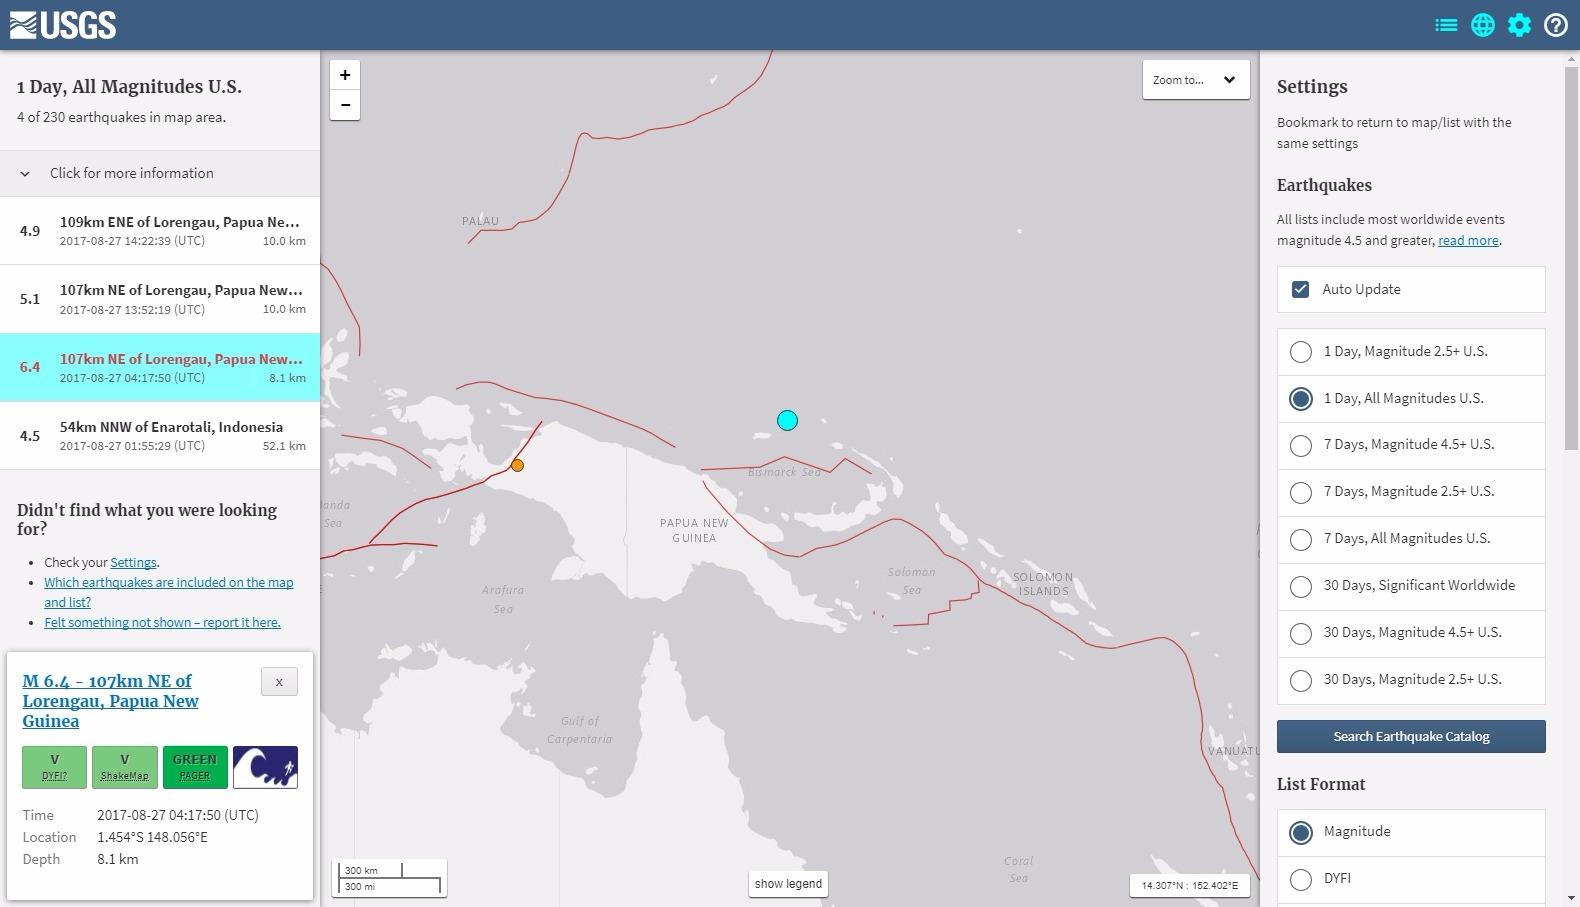 パプアニューギニア沖でM6.4の地震発生…M5クラスの余震続く